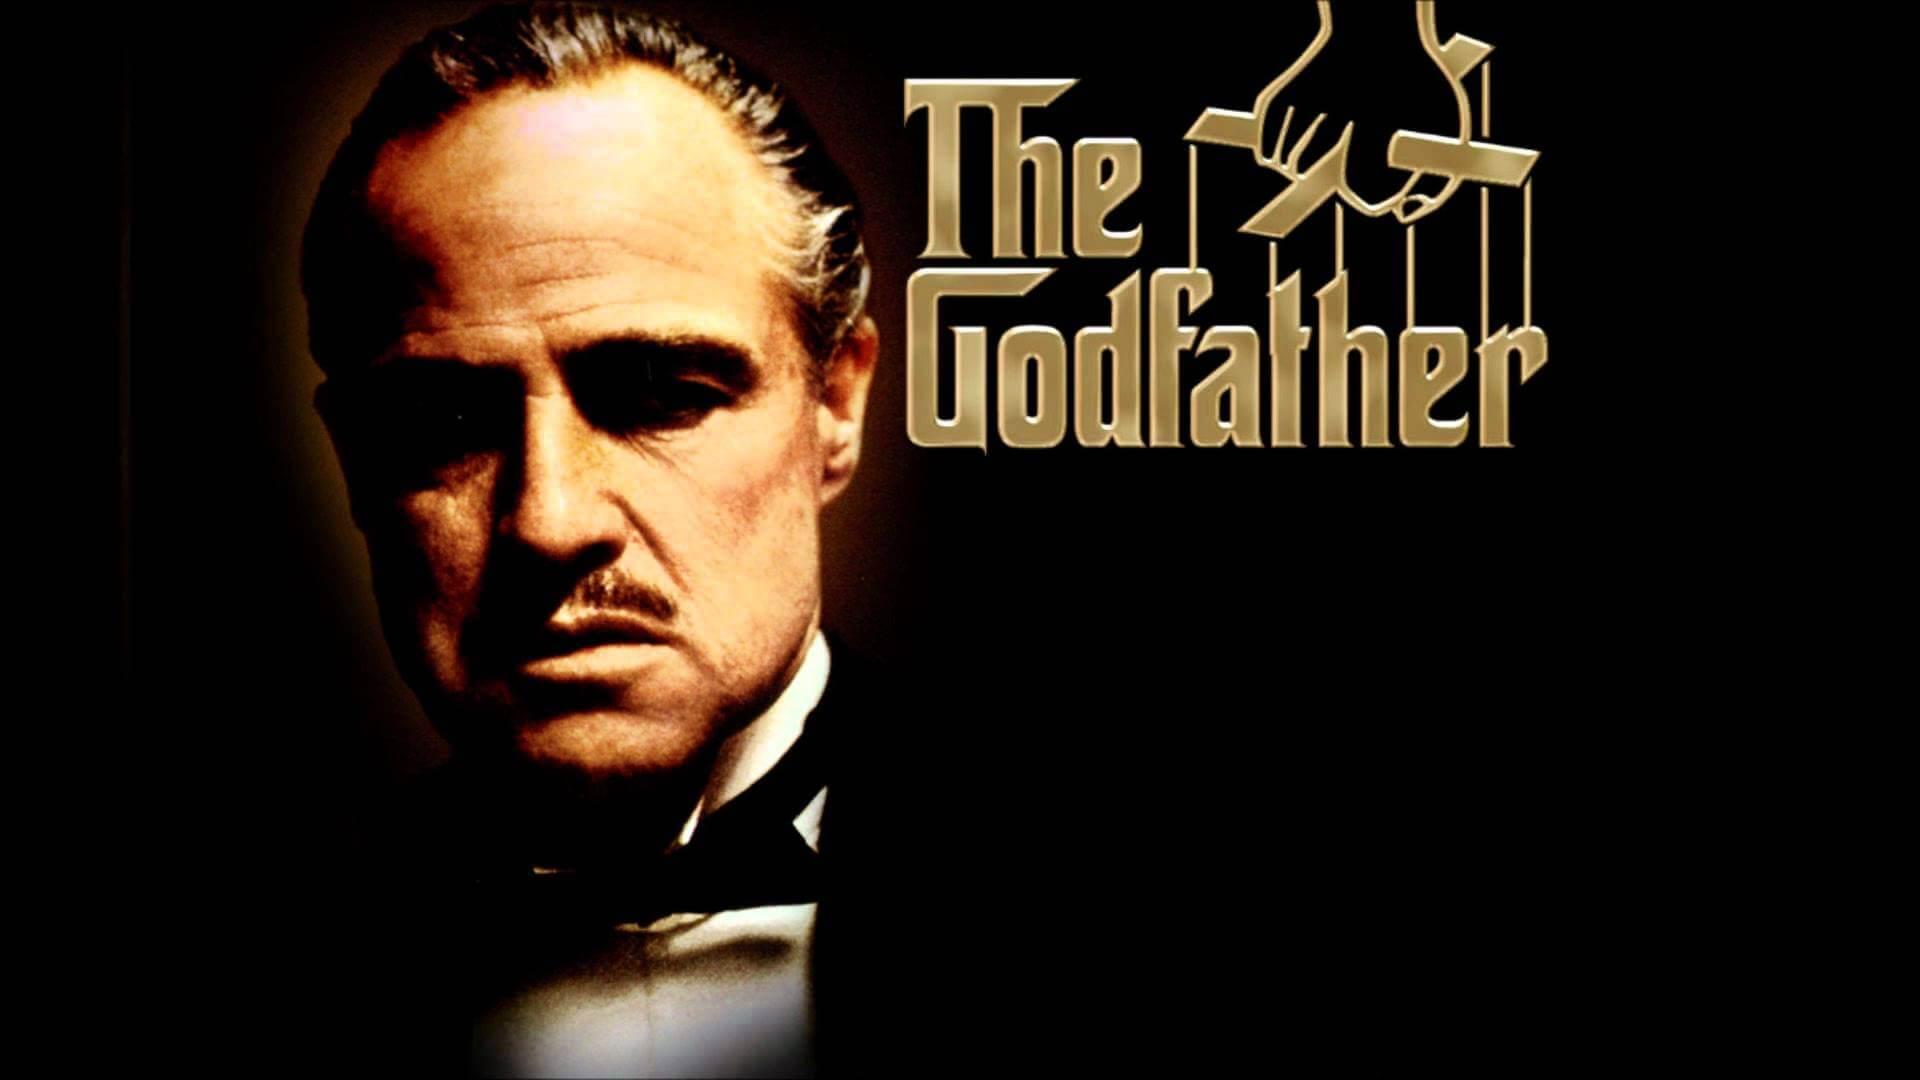 Bedste Filmatisering: Godfather eller Da Vinci Code?